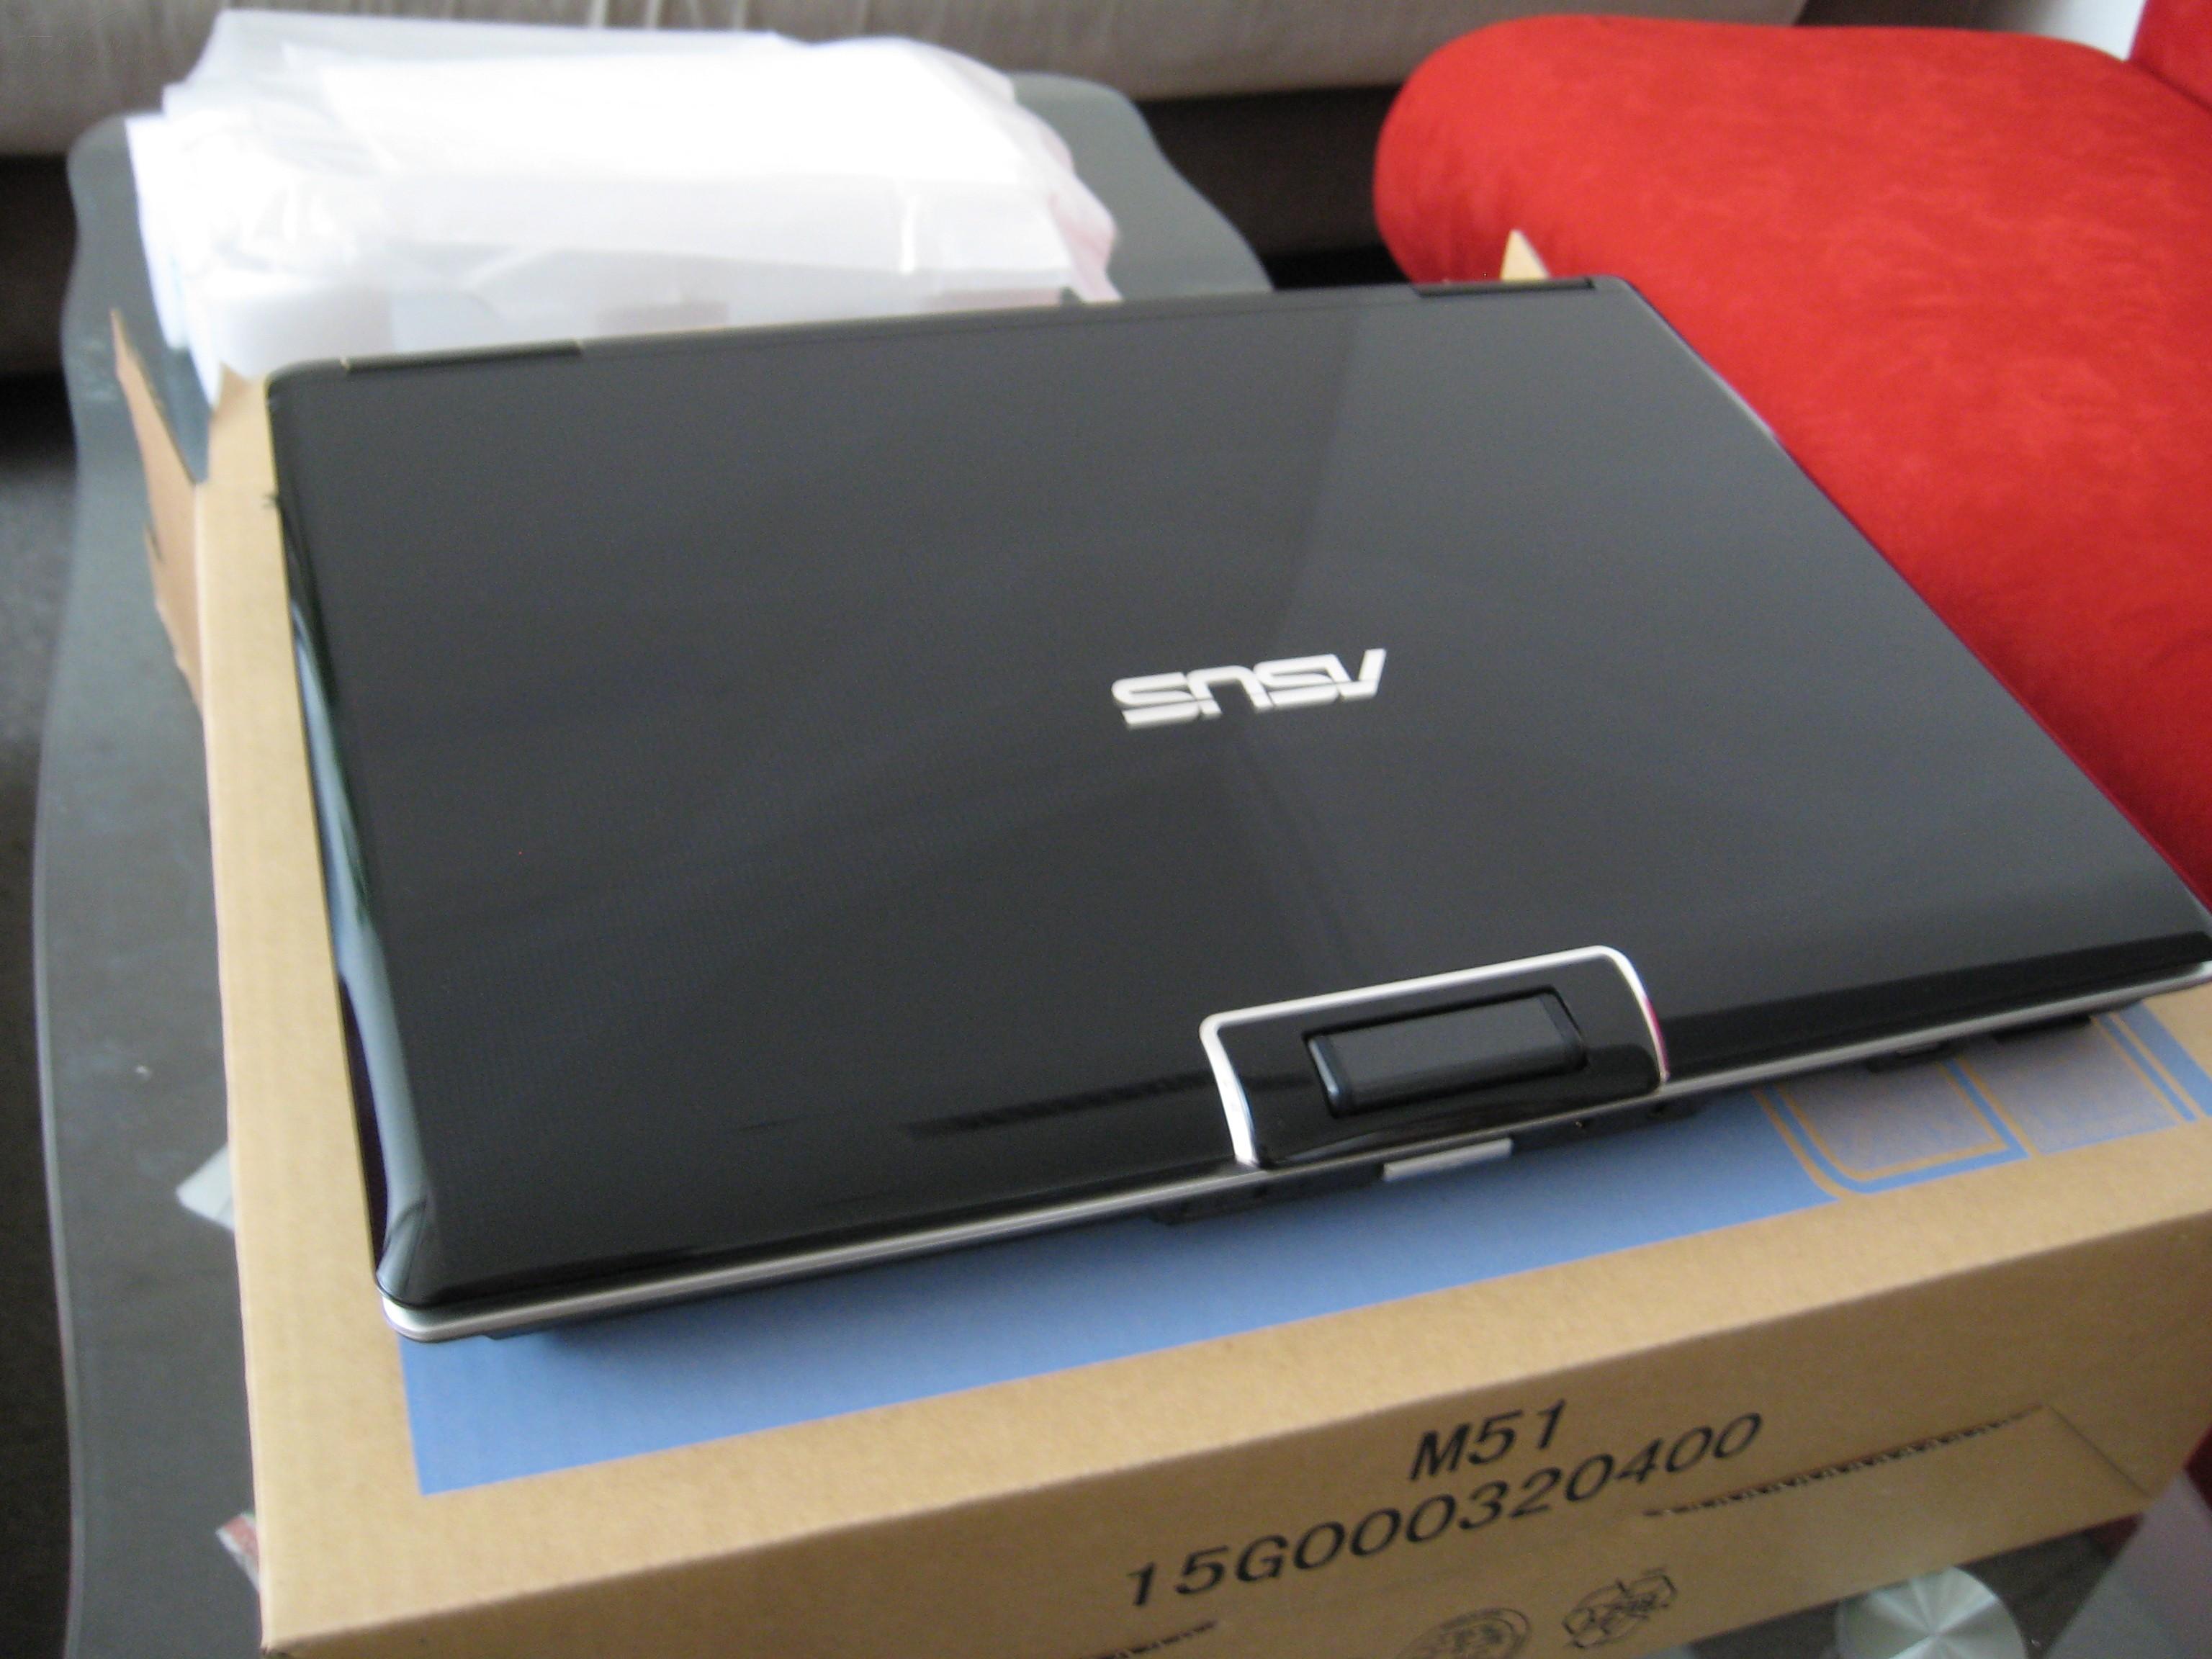 华硕M50T86VM BL笔记本产品图片5素材